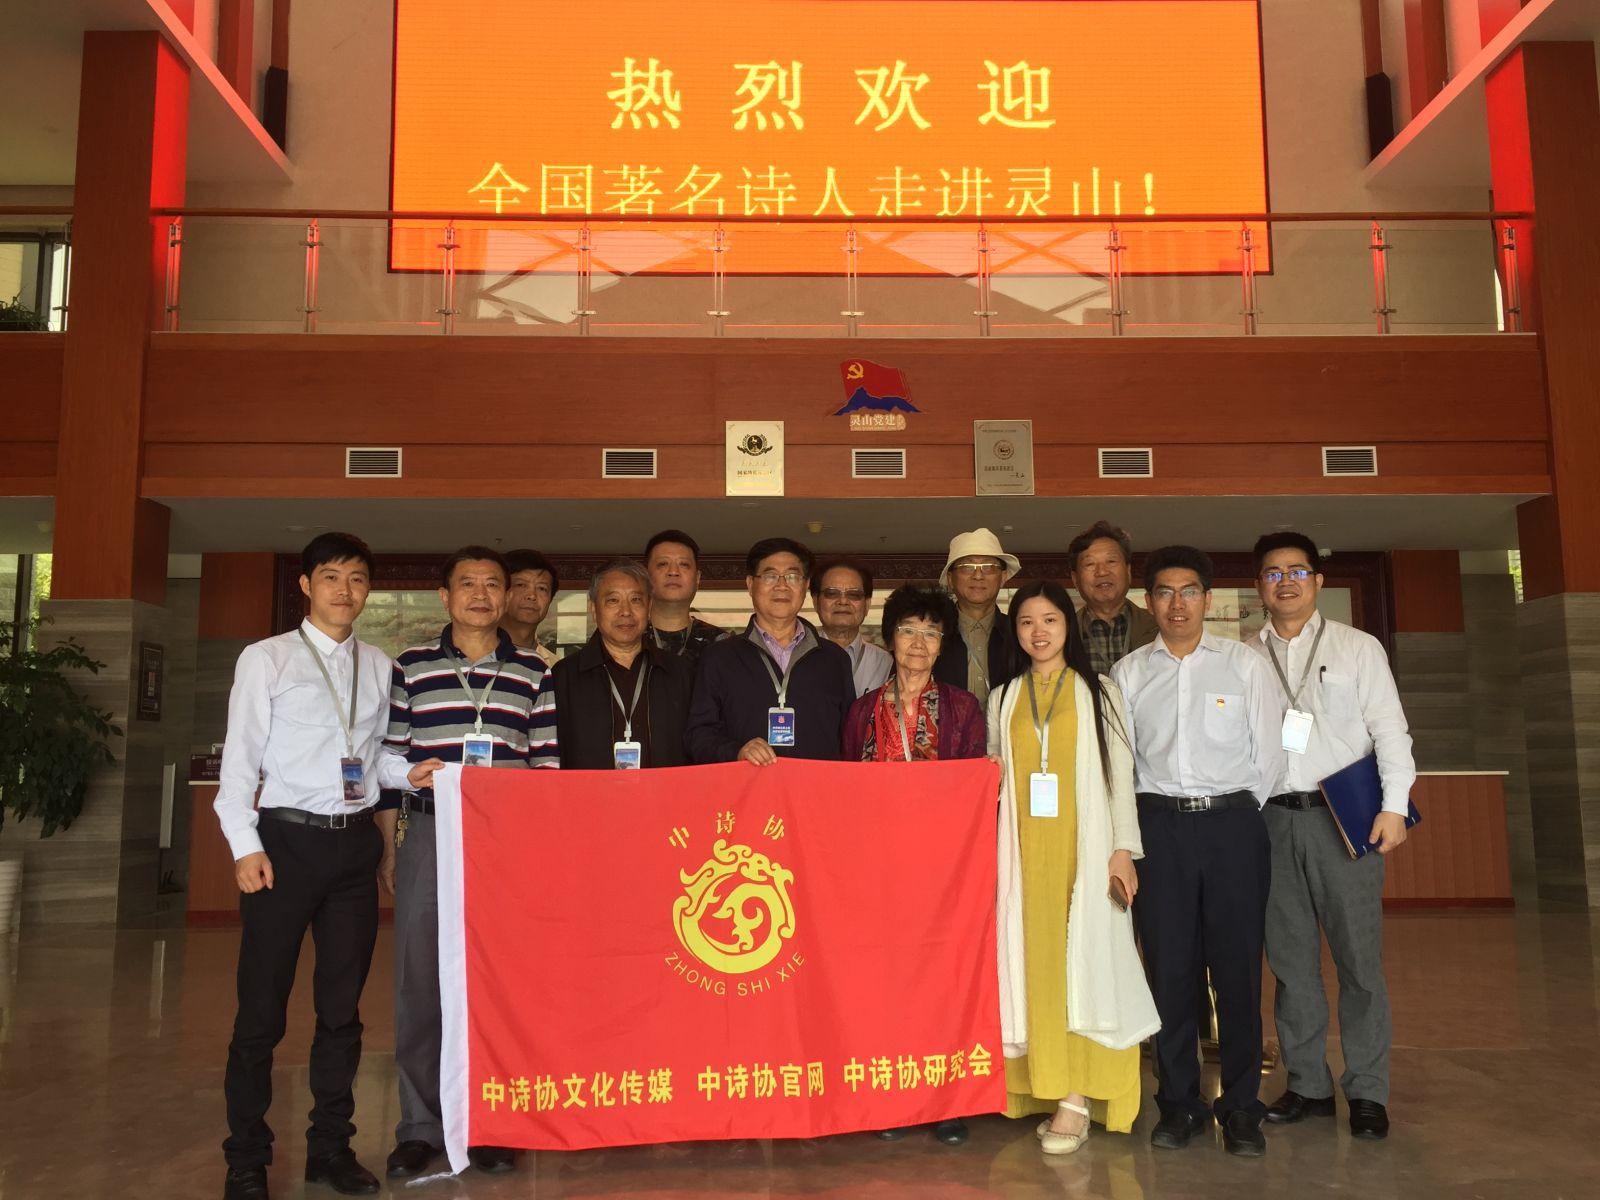 中诗协赴江西灵山采风创作暨第二届理事会成功召开